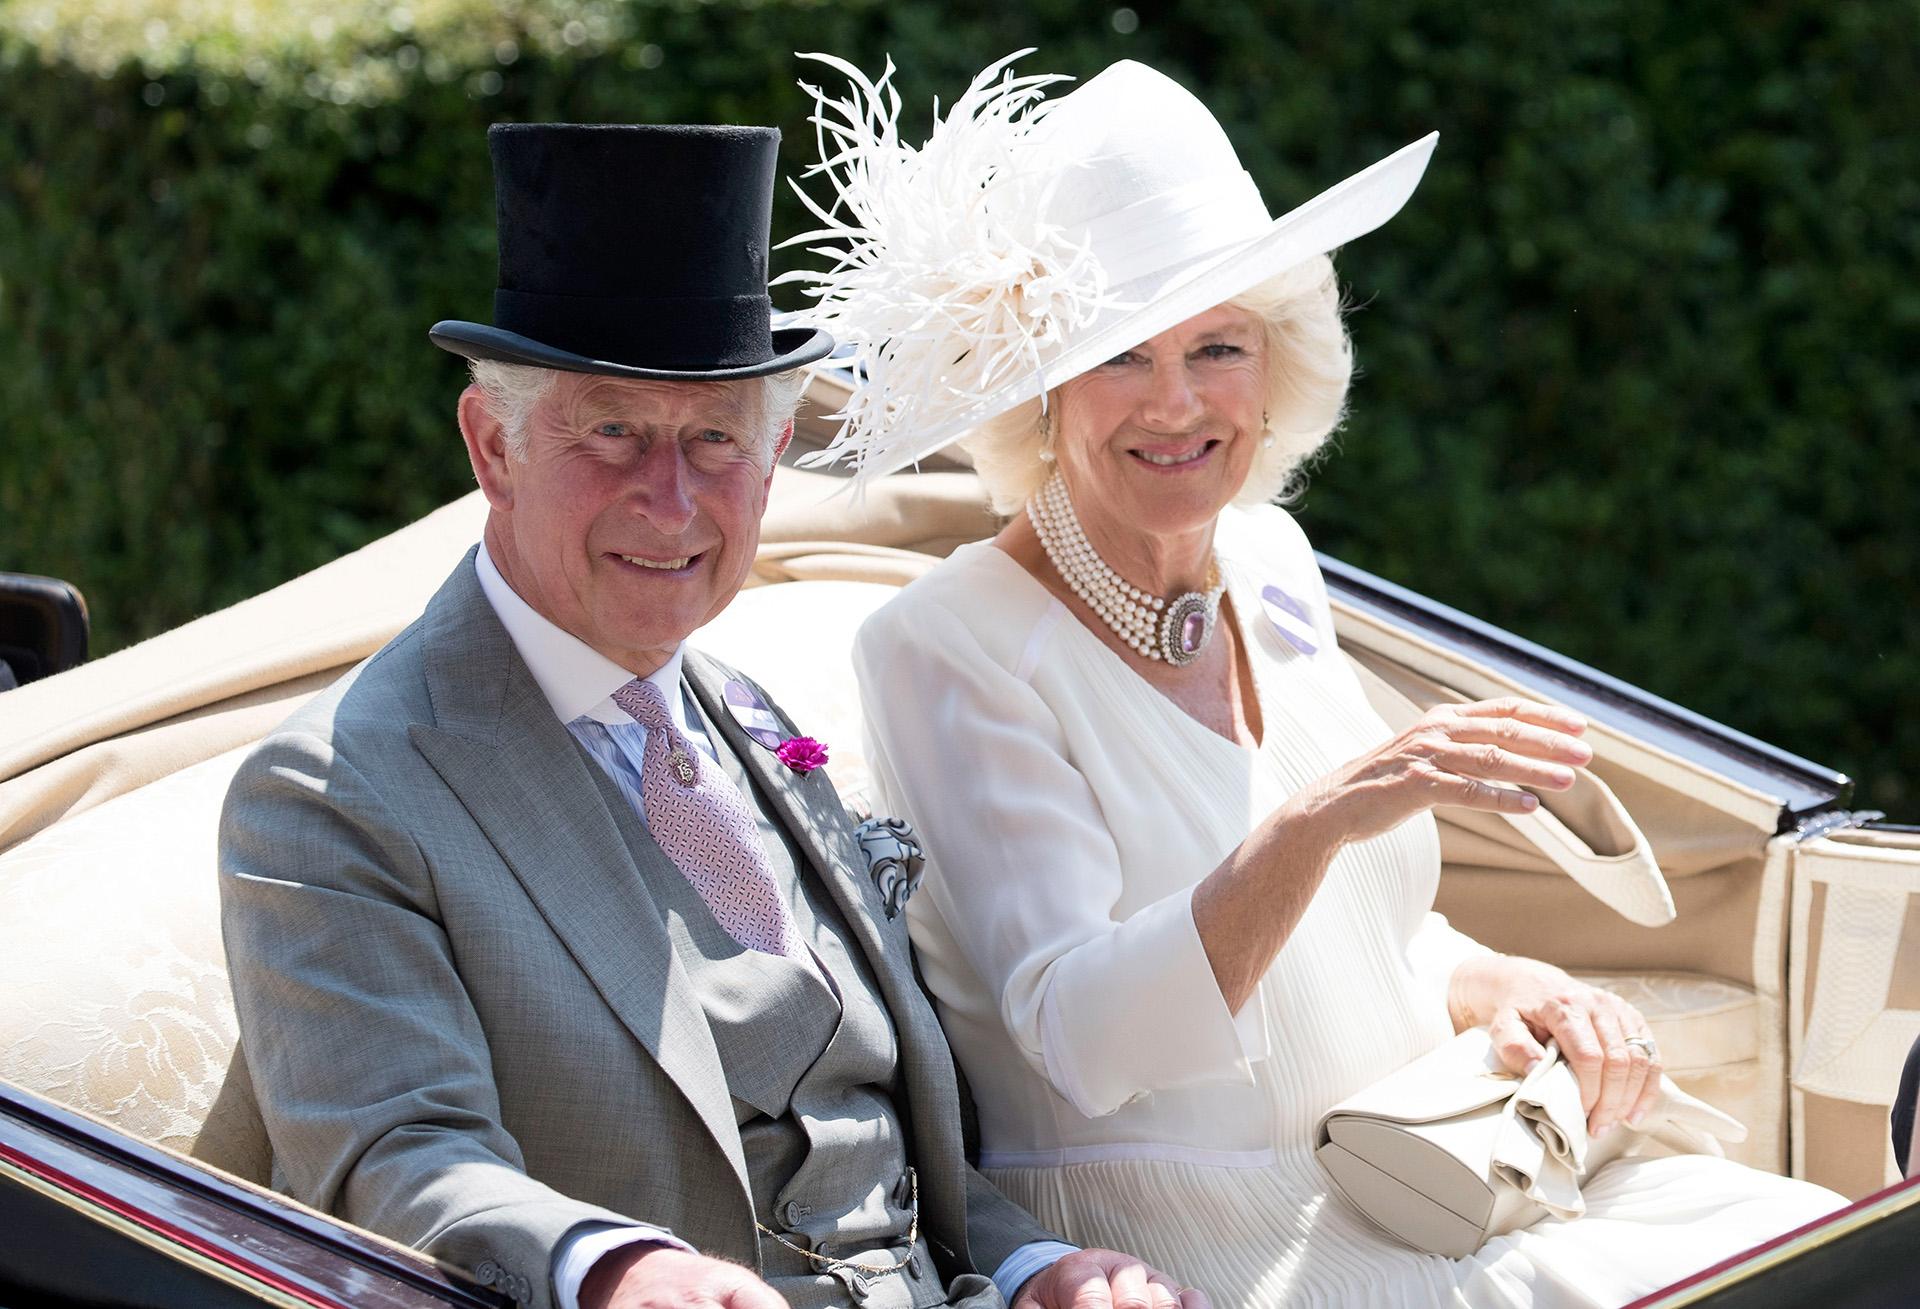 El principe Carlos y Camilla Parker en su llegada al evento